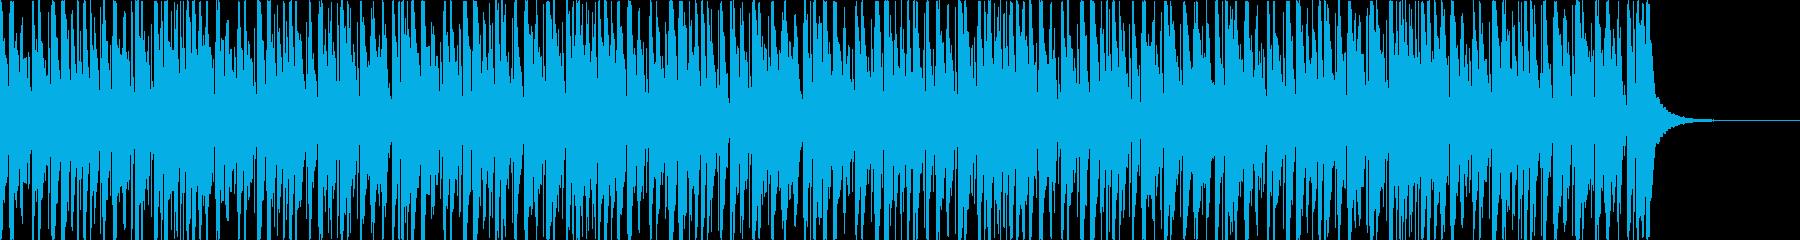 ブラスが派手なアップテンポな曲の再生済みの波形